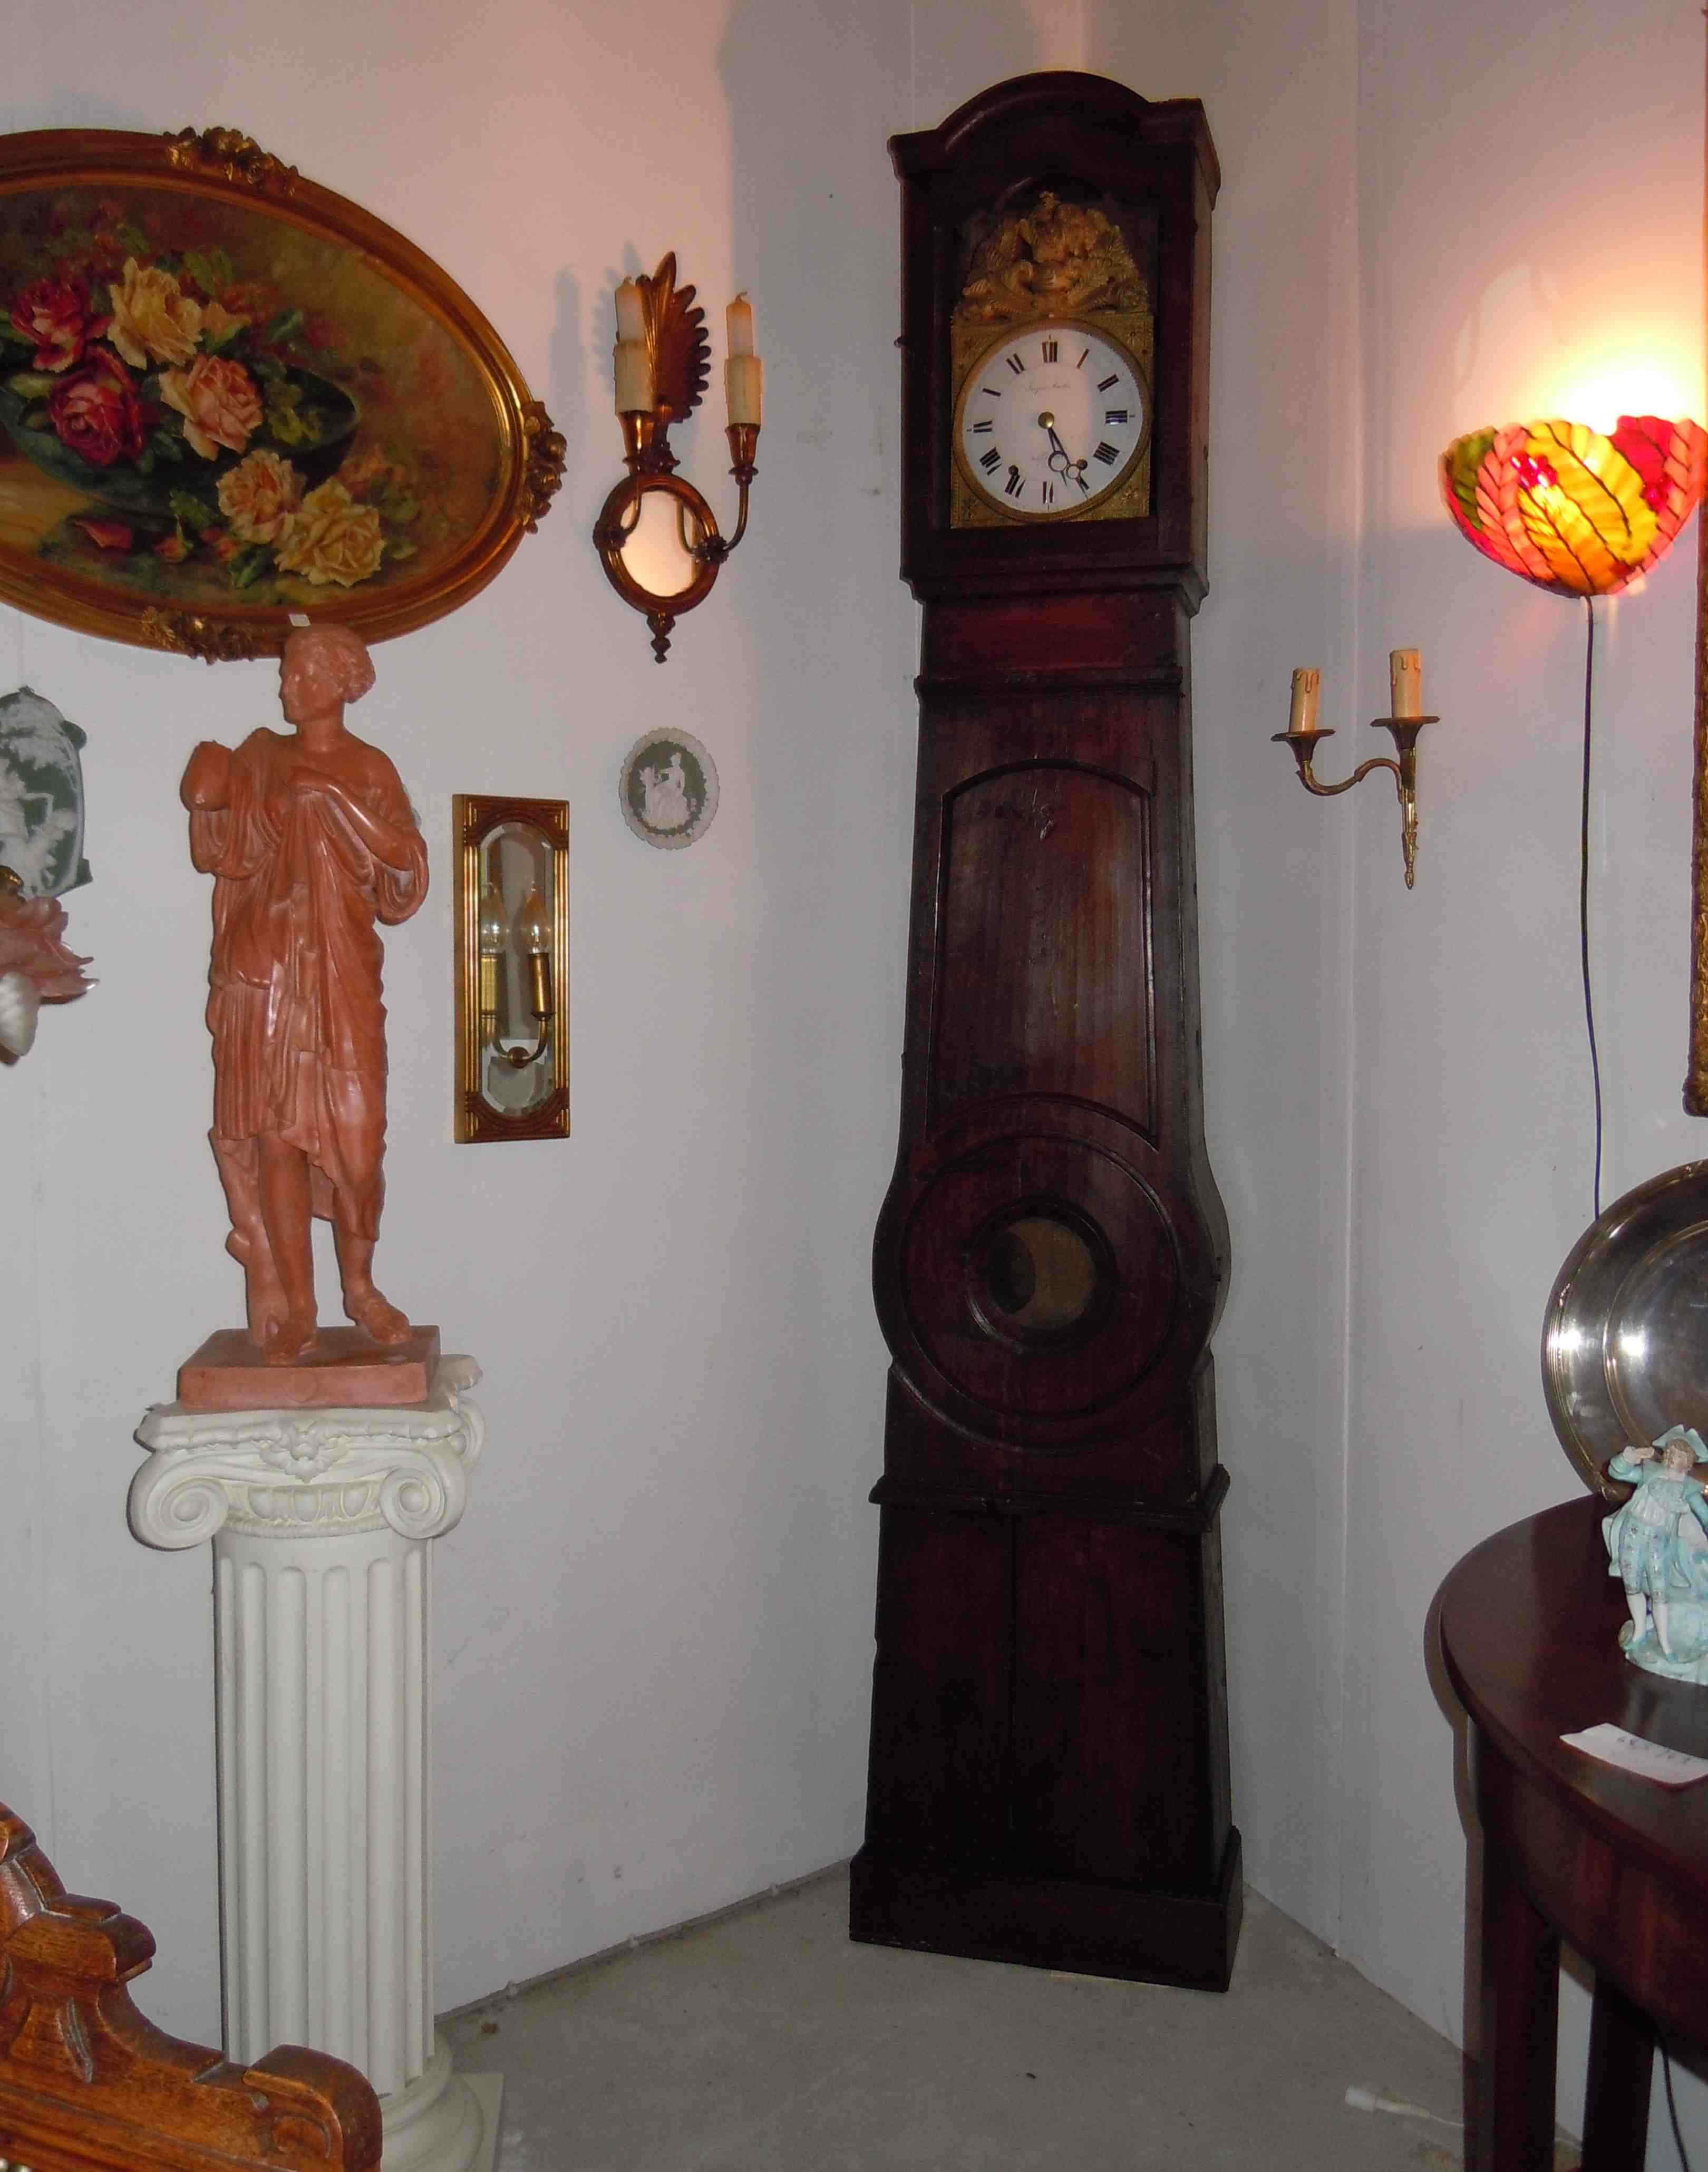 Orologio a colonna francese, firmato Poitou del '700